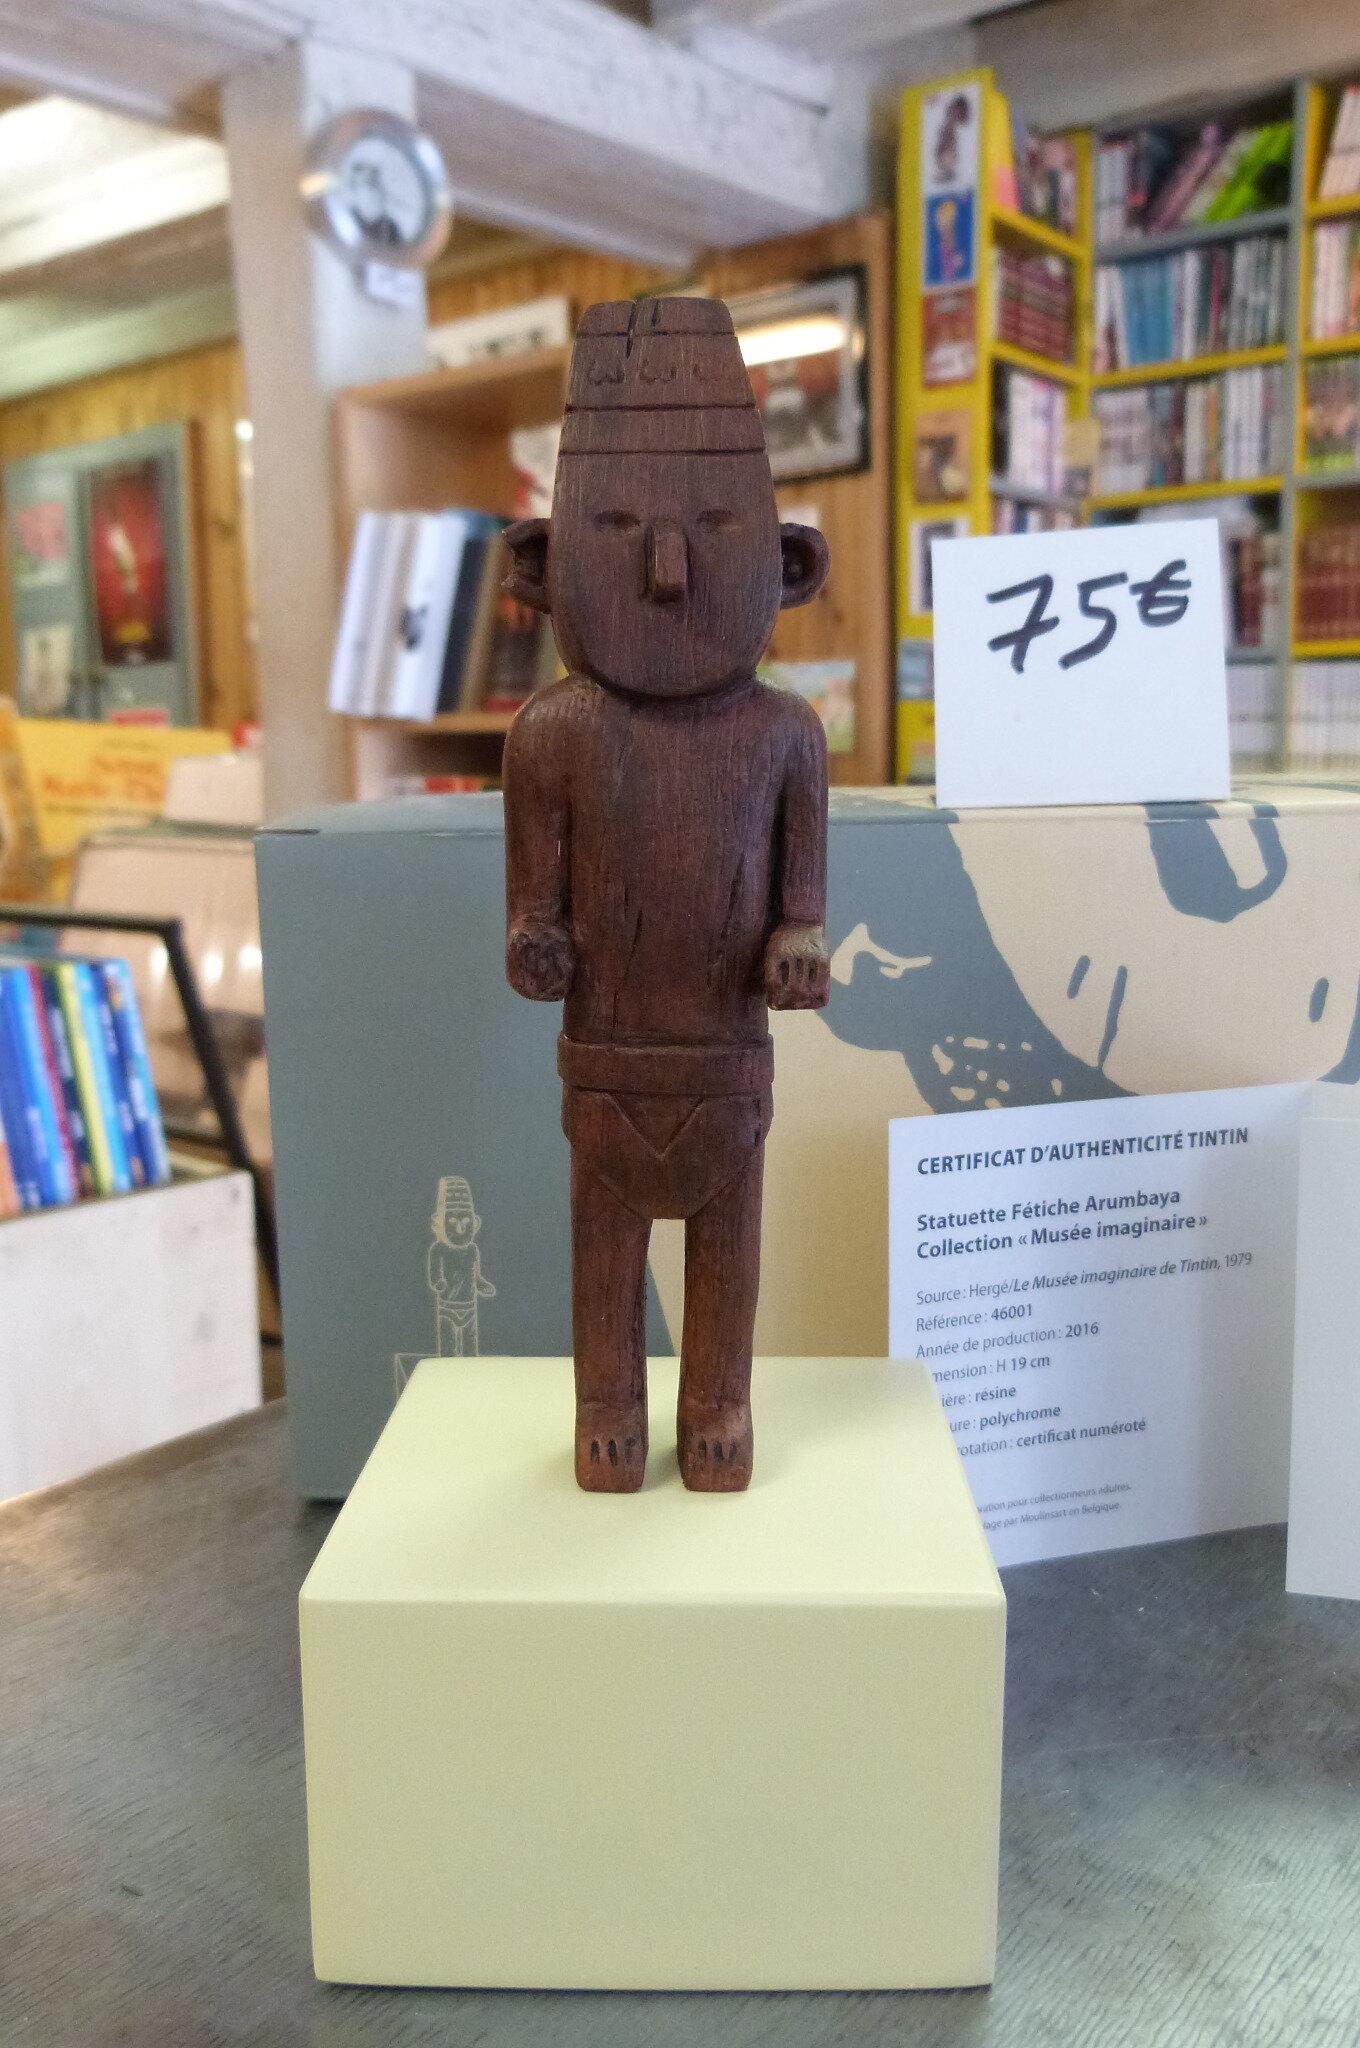 Tintin, le musée imaginaire : le fétiche Arumbaya